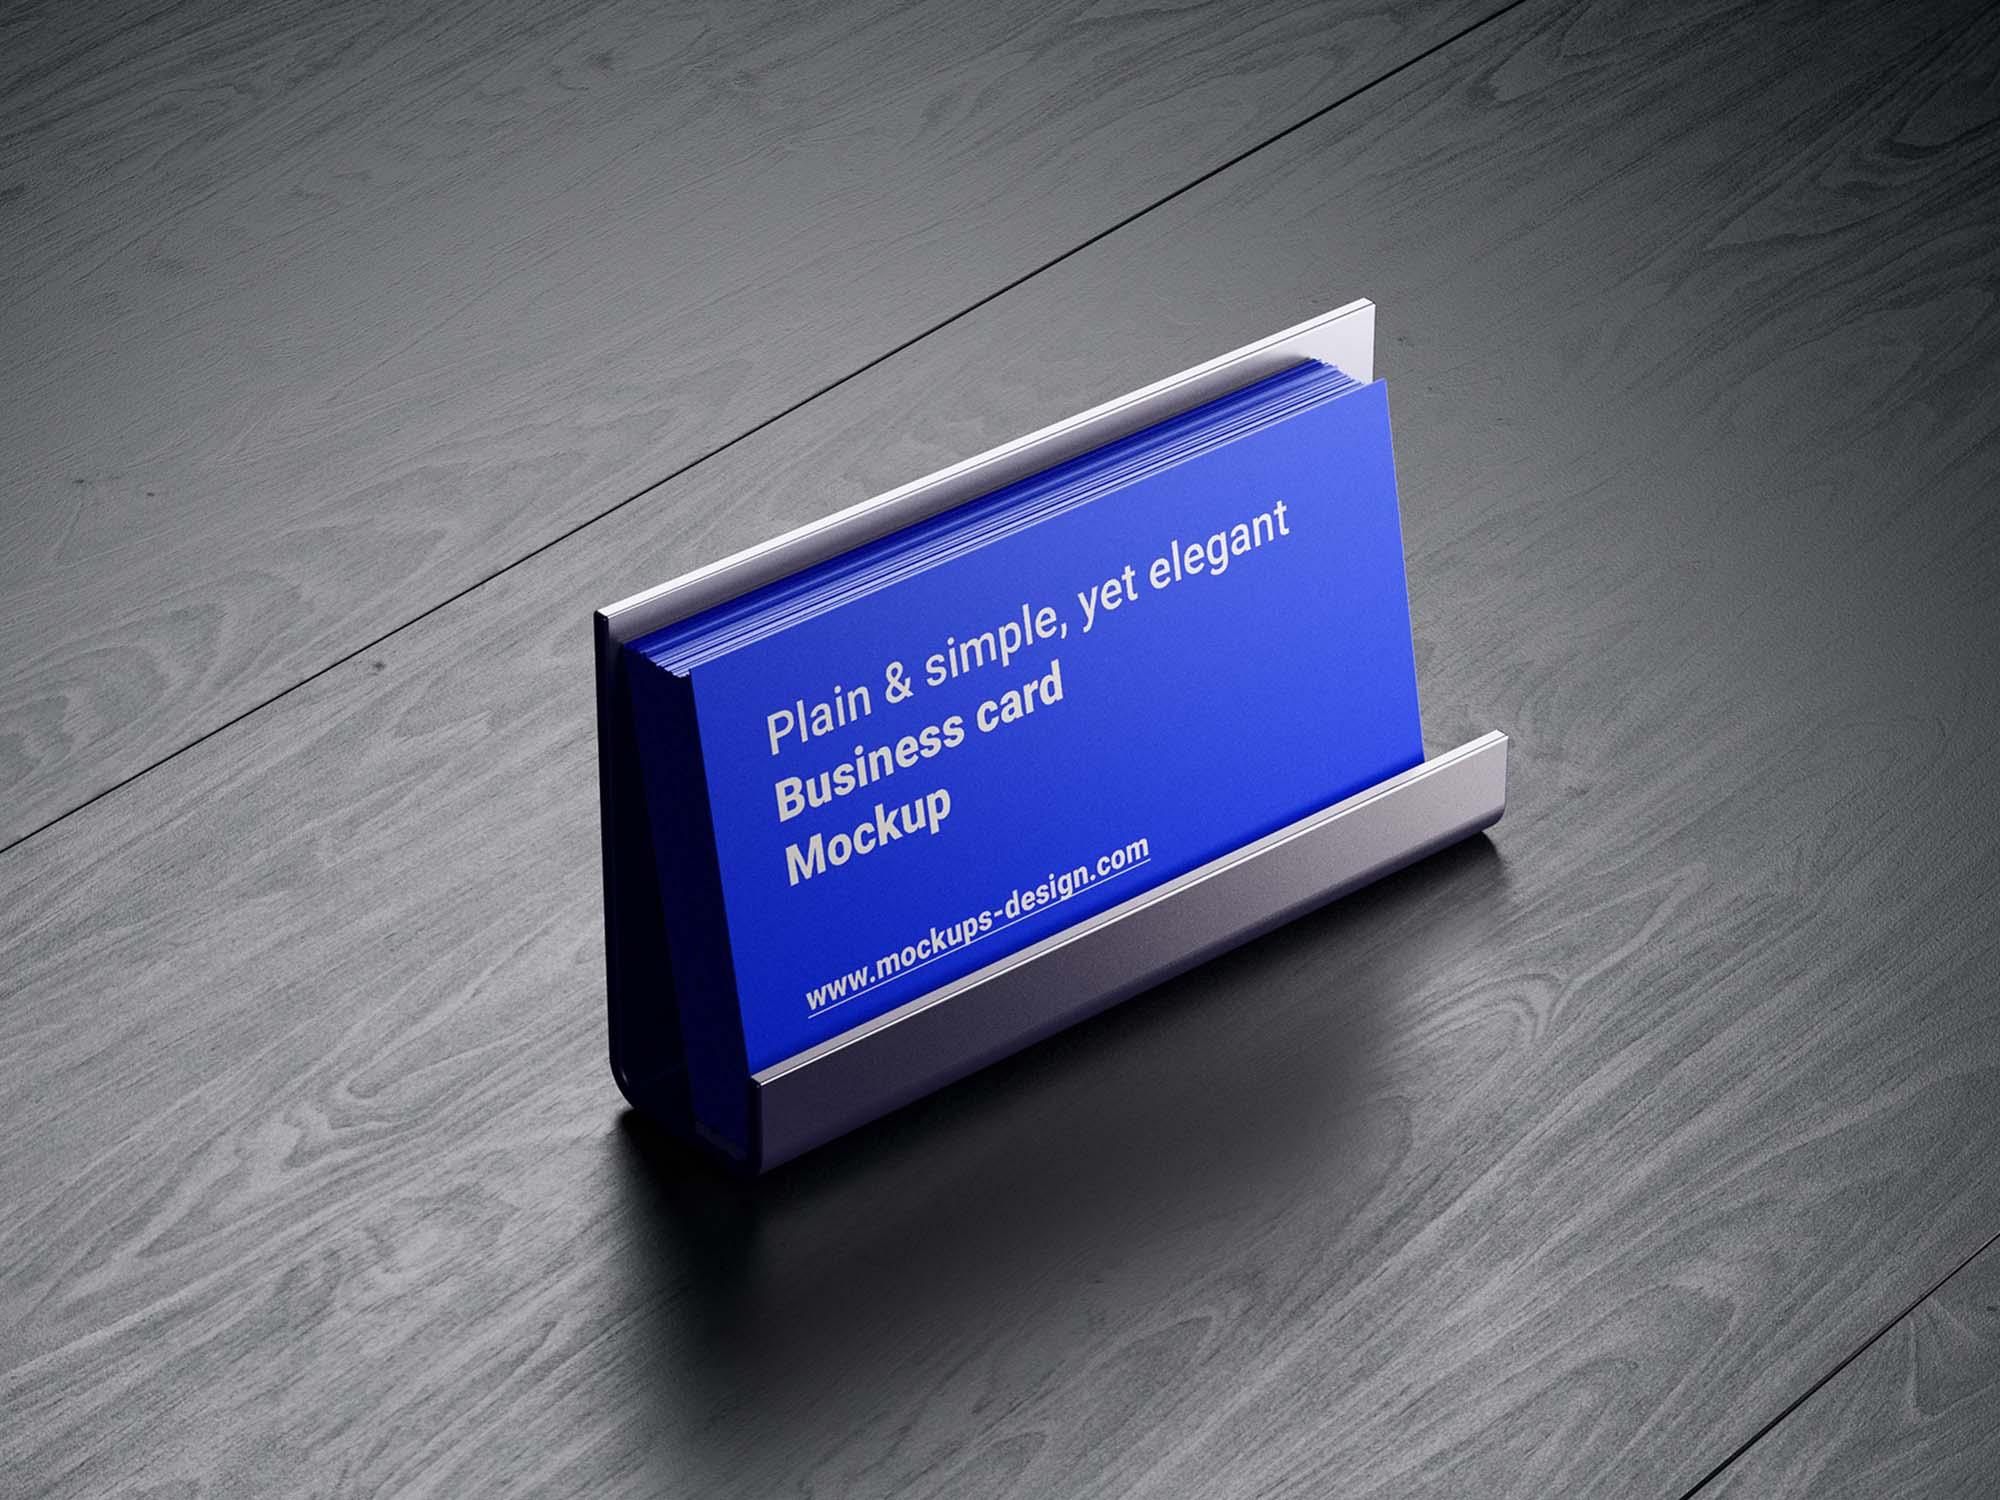 Business Cards in Holder Mockup